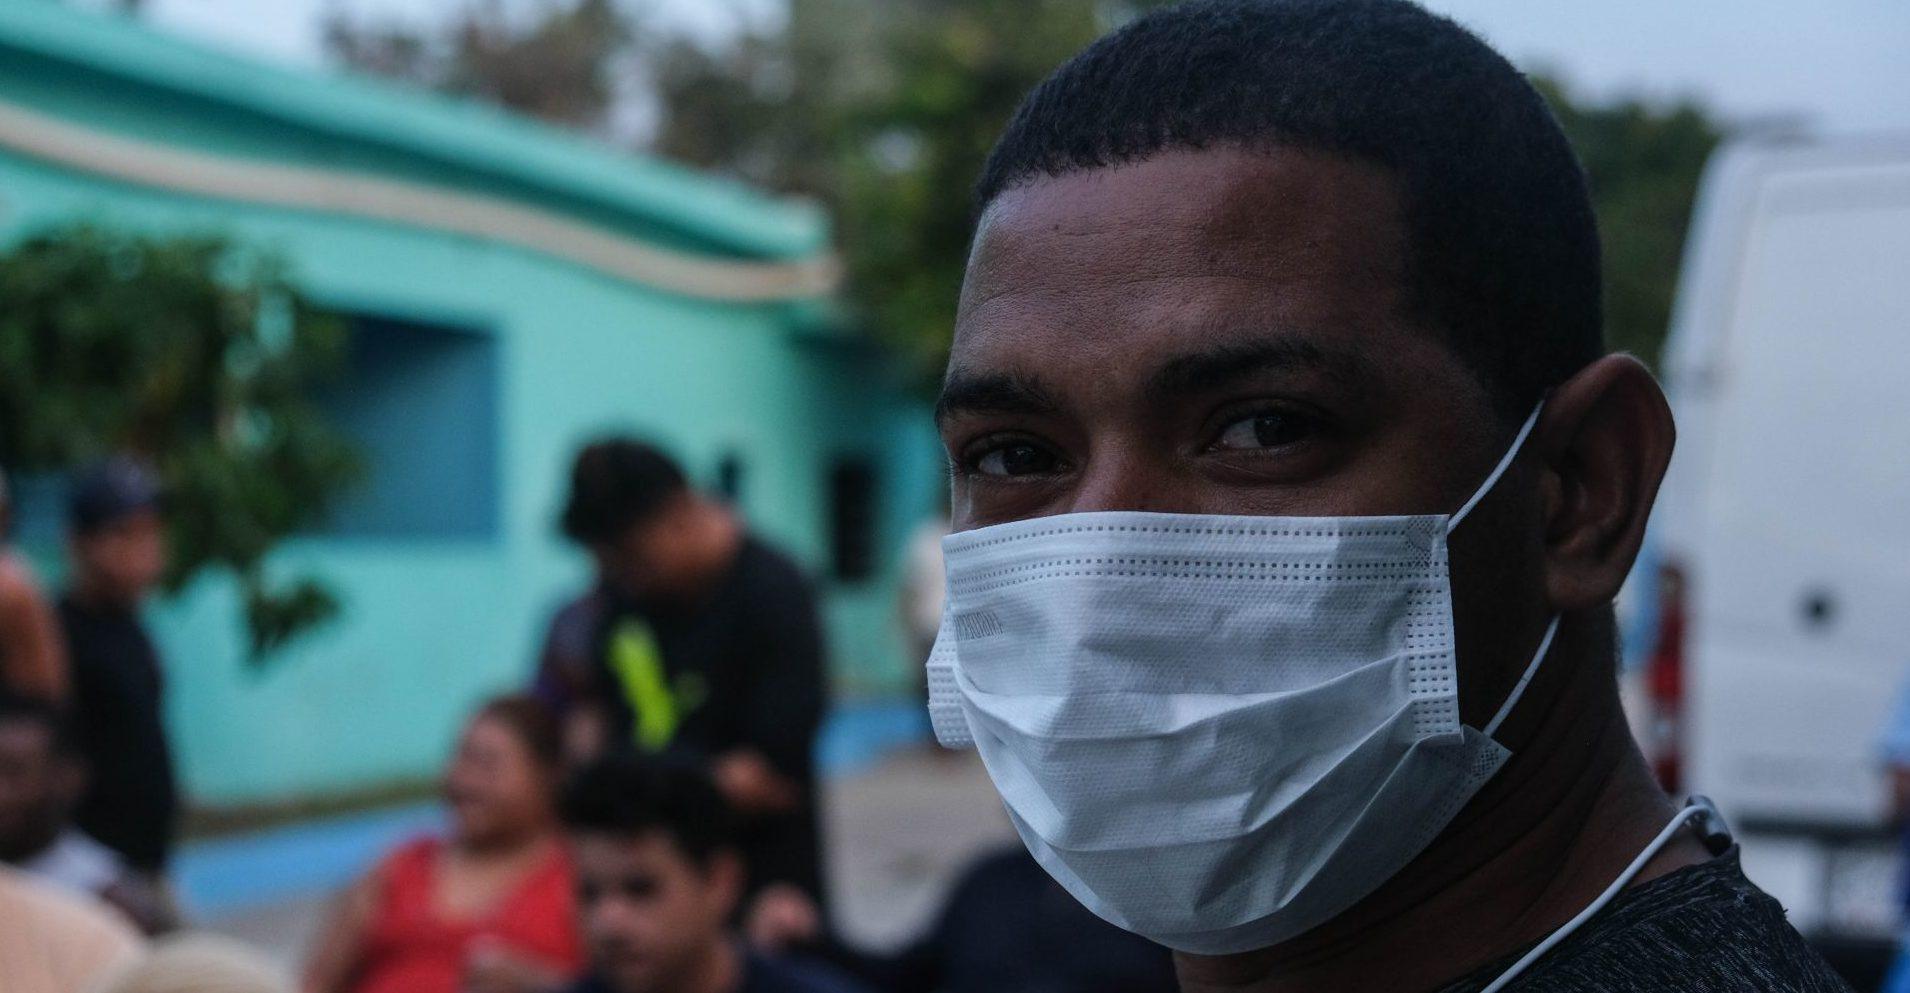 """Pese a contagios, no se hacen pruebas COVID a migrantes, denuncian OSC; """"cumplimos con medidas"""", dice el INM"""